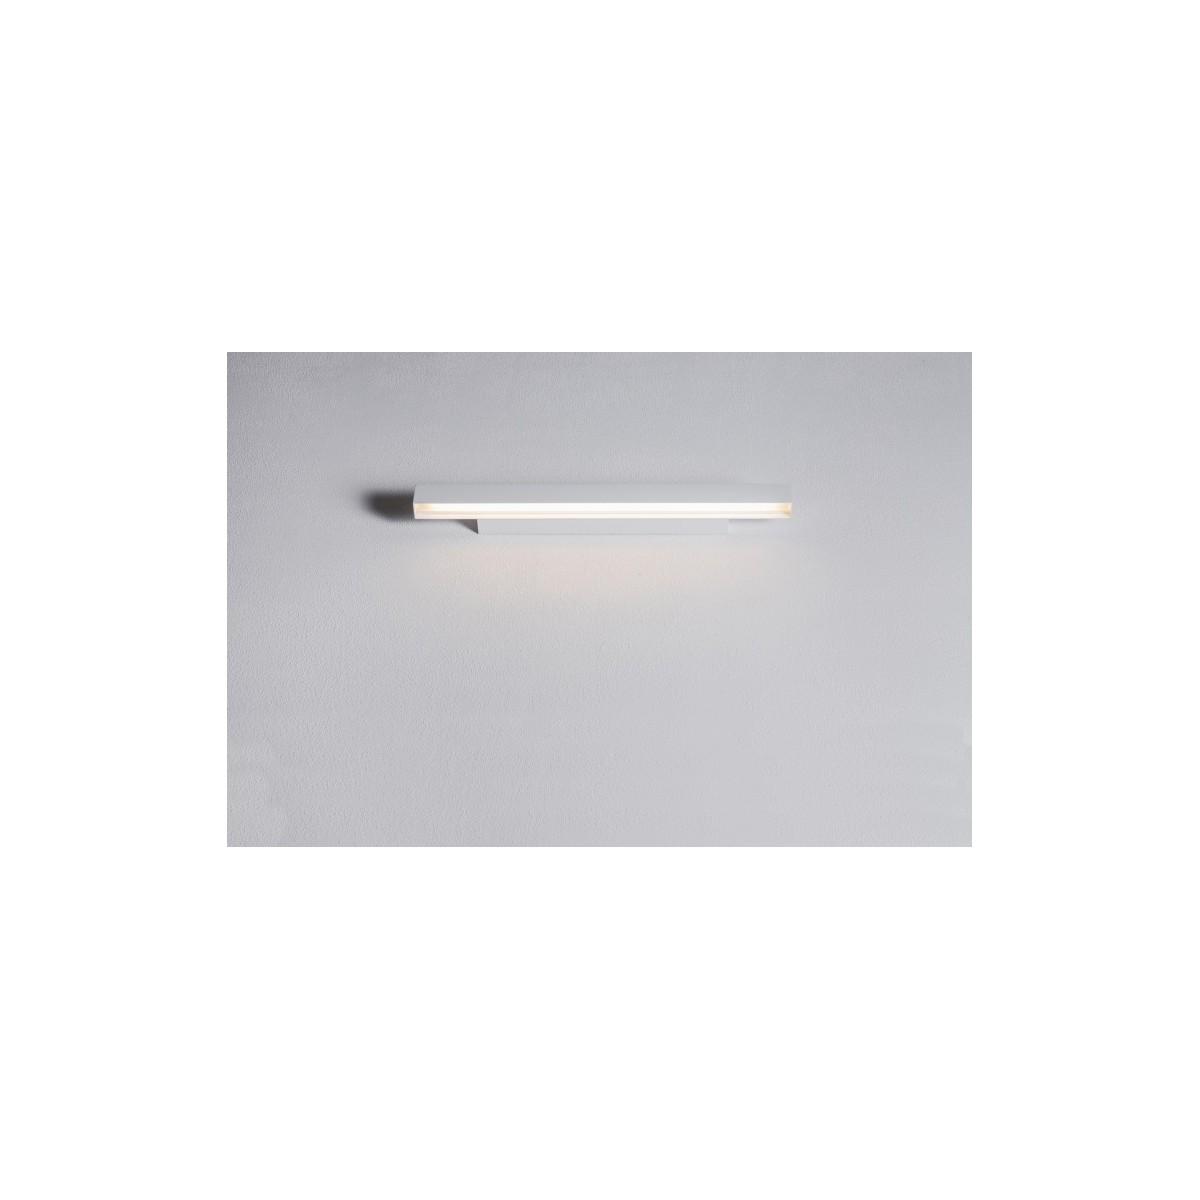 Labra RAY KN.1134mm 46W 6-0606 Kinkiet